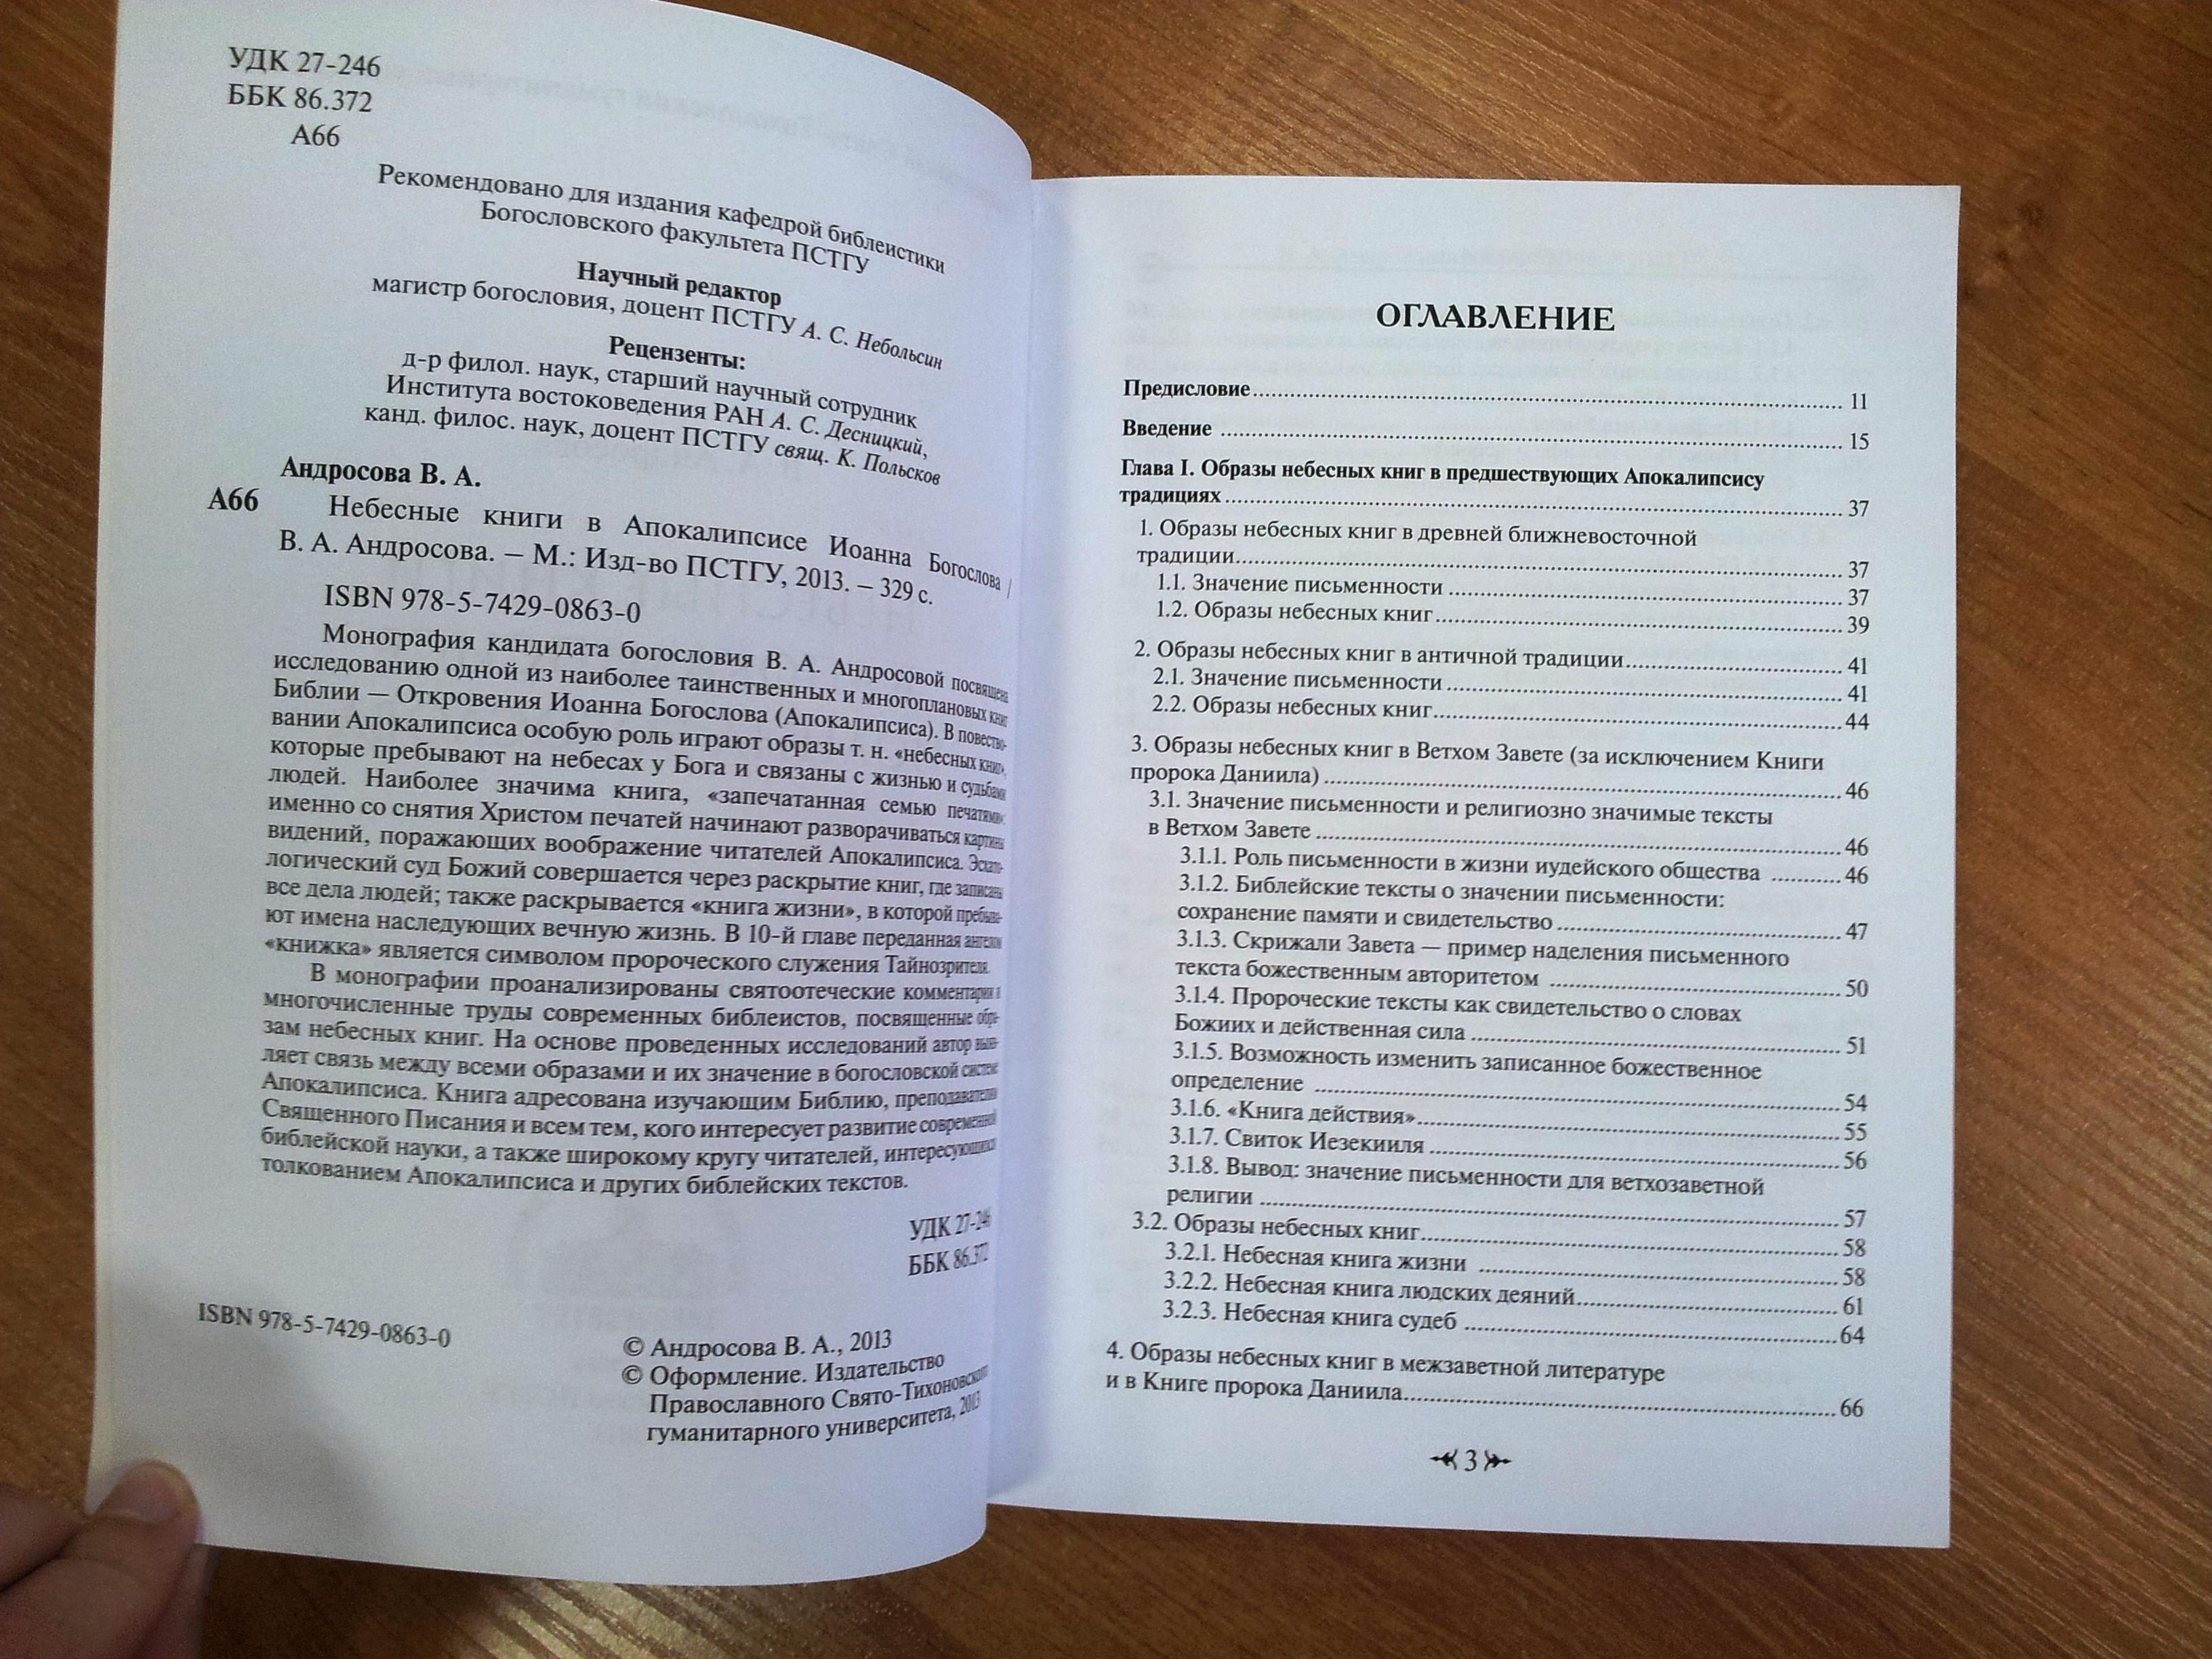 Как сделать библиографическое описание для диссертации